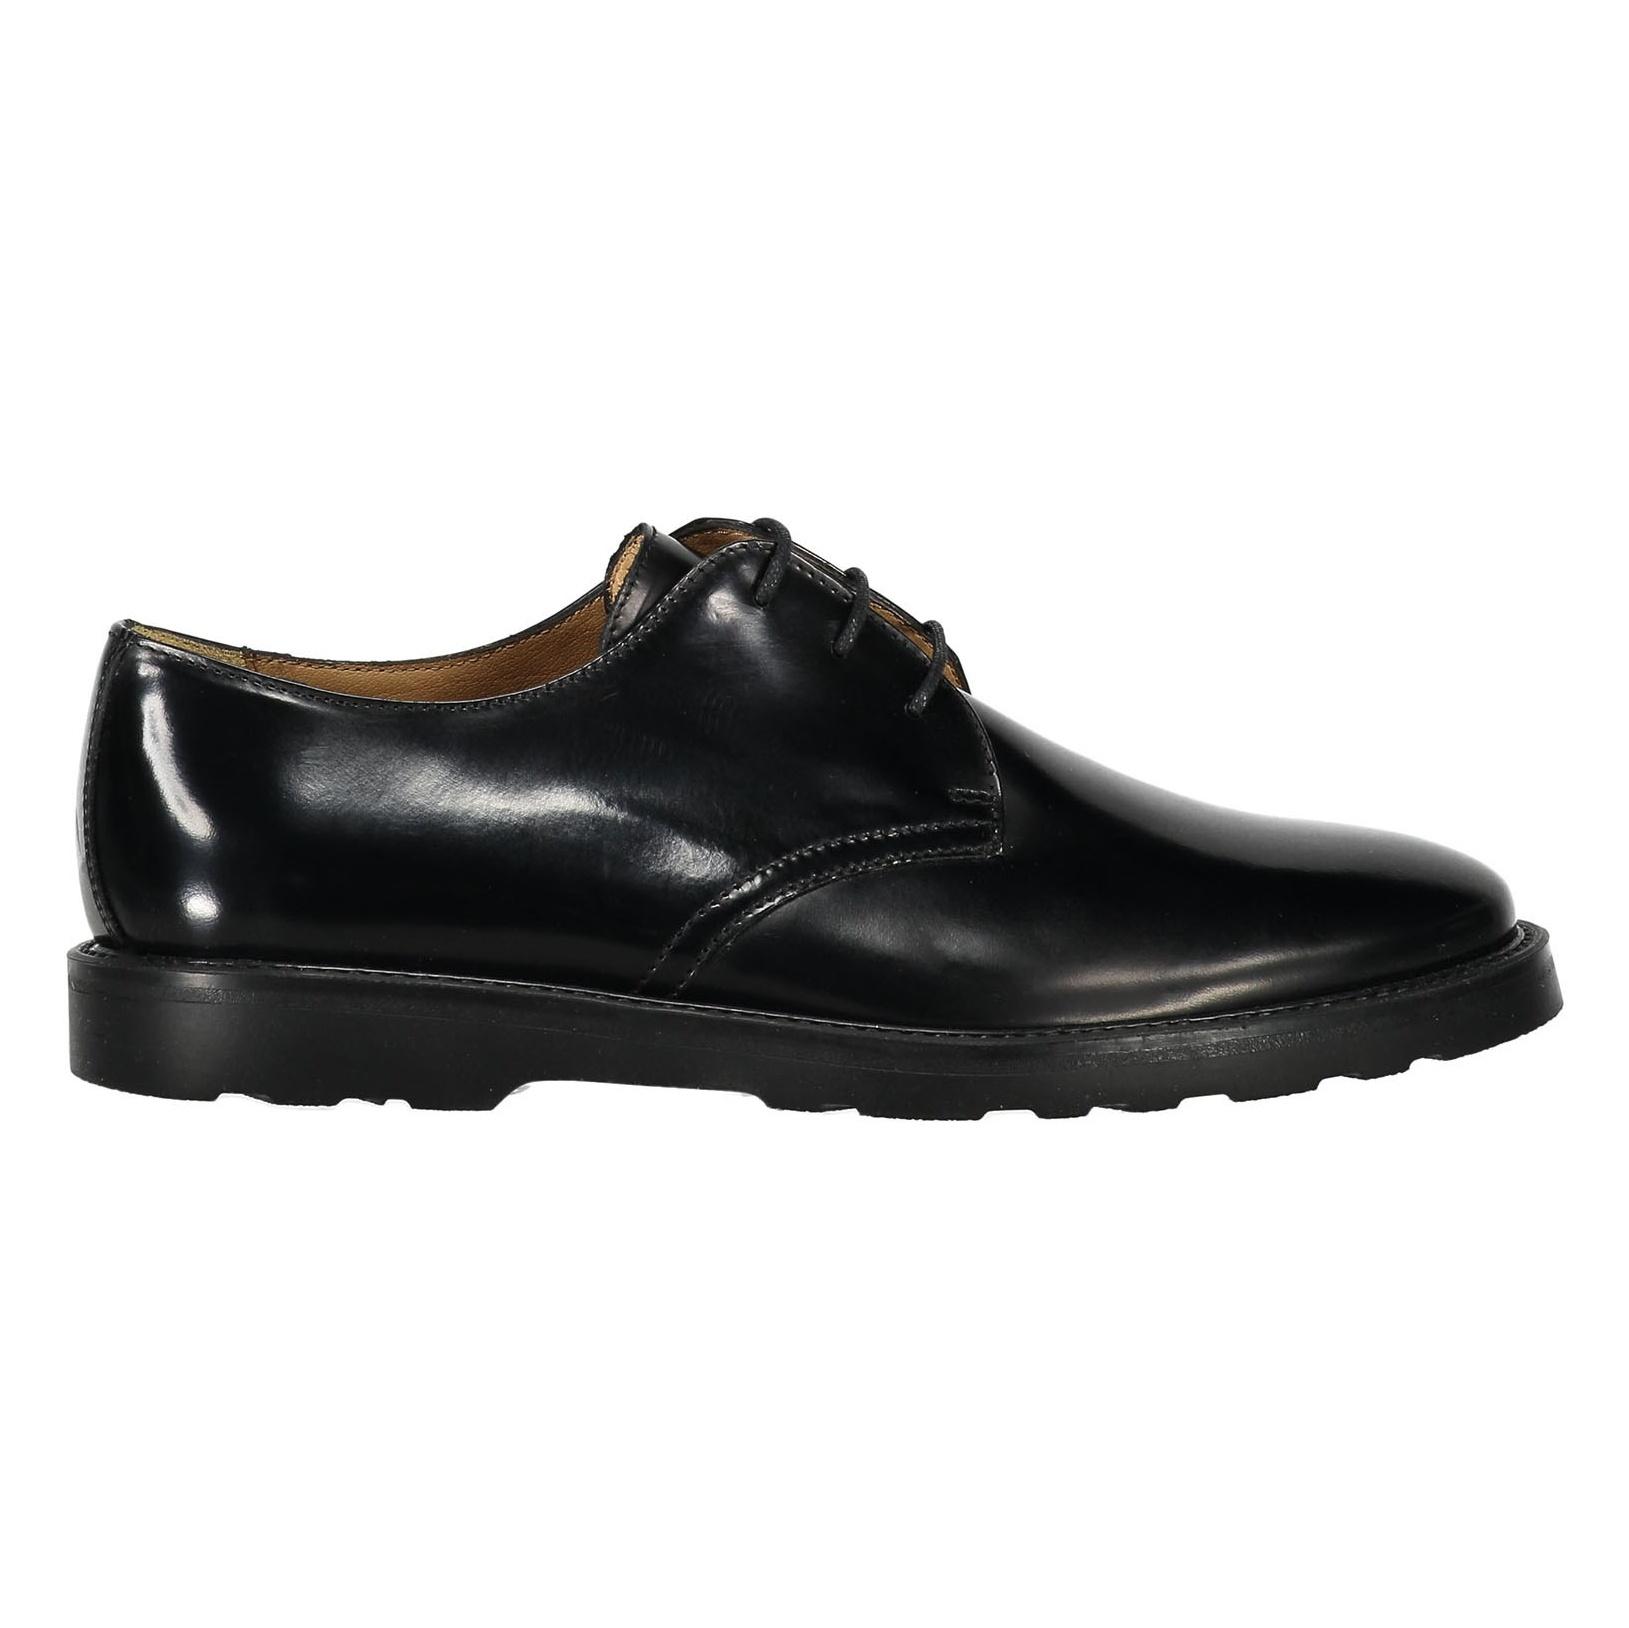 کفش چرم رسمی مردانه - سولدینی - مشکي  - 1